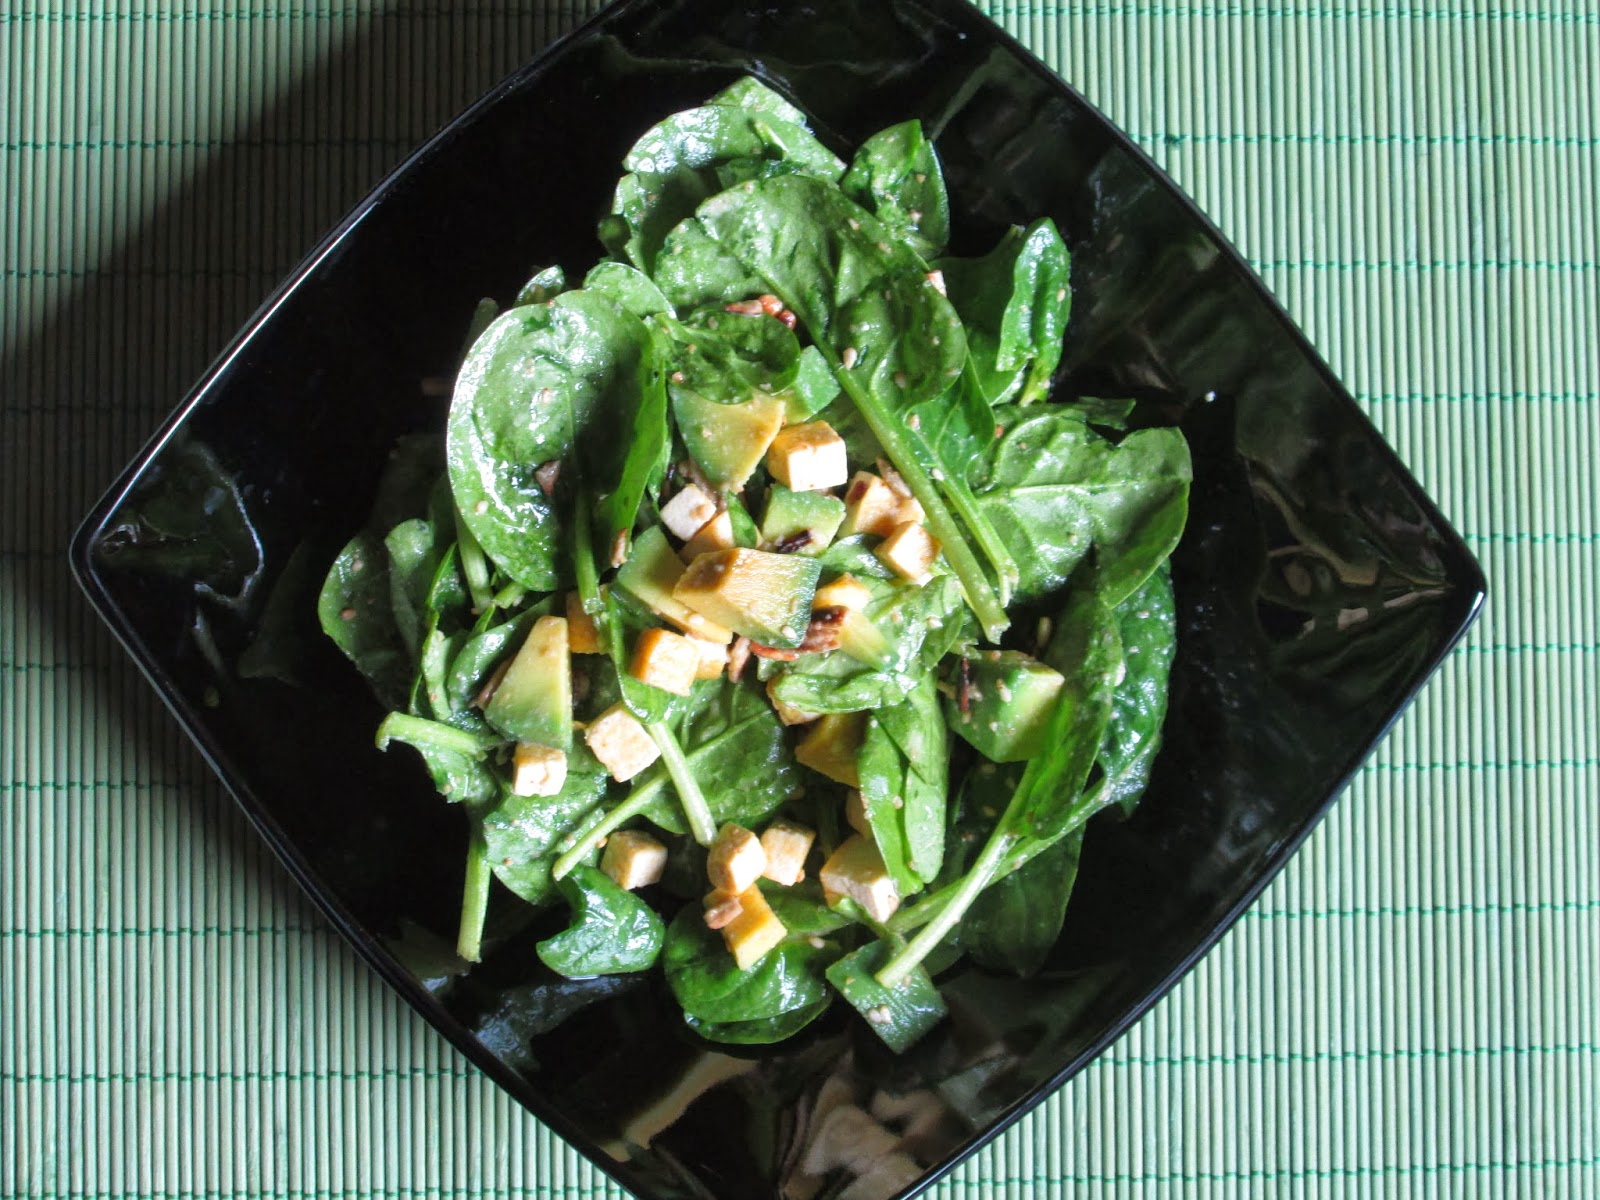 aglio, avocado, gomasio, insalata, lievito alimentare in scaglie, limoni, paprika, Piatti unici, ricette vegan, semi girasole, spiancina, spinaci, tofu,